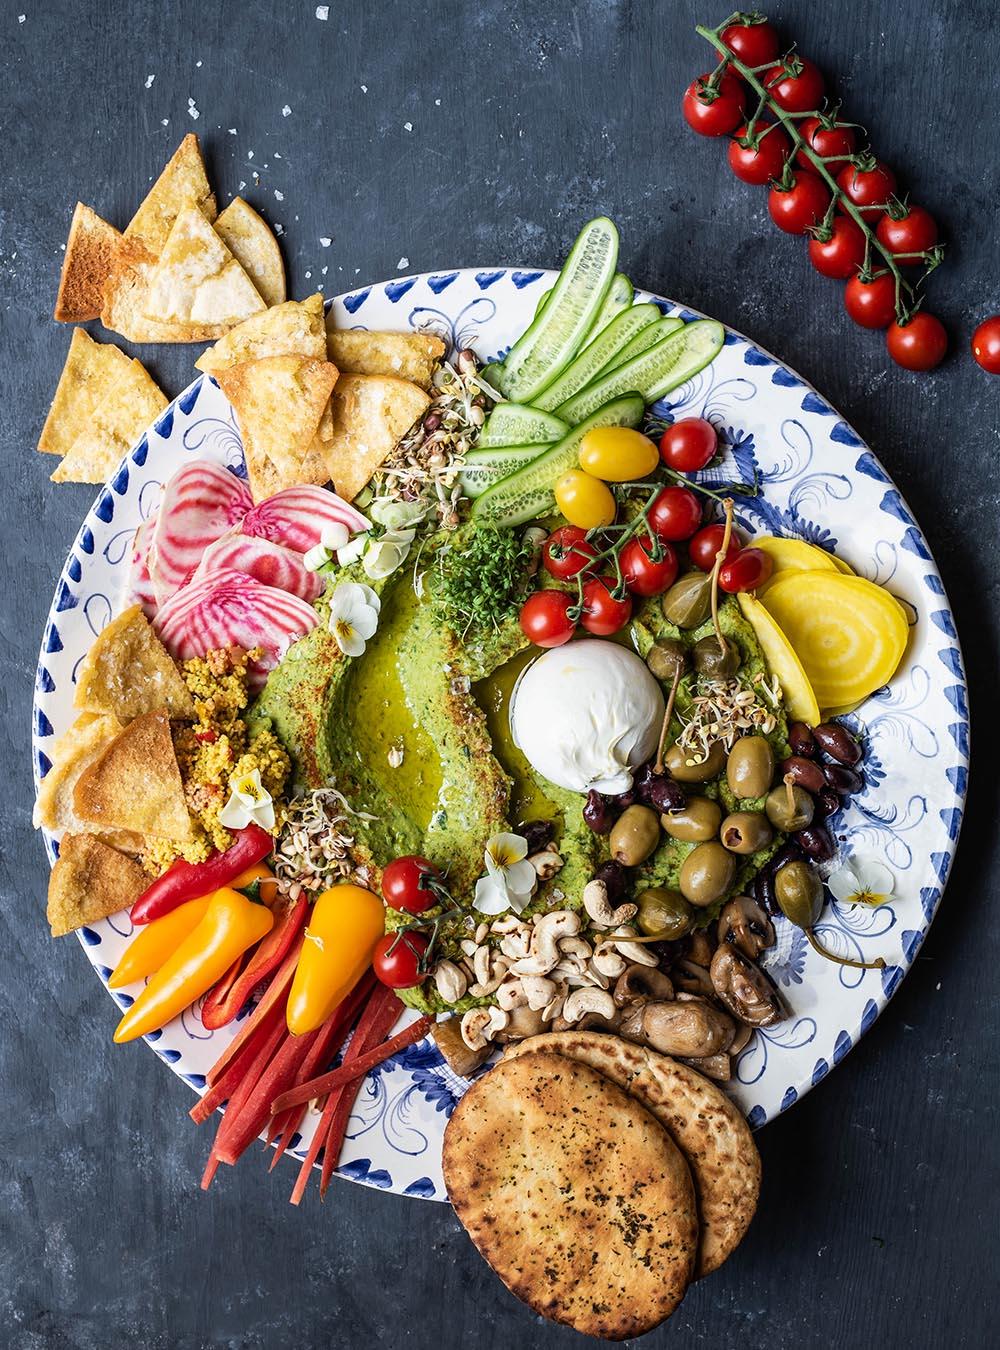 Bärlauch Hummus Platte mit vielen Gemüse Toppings